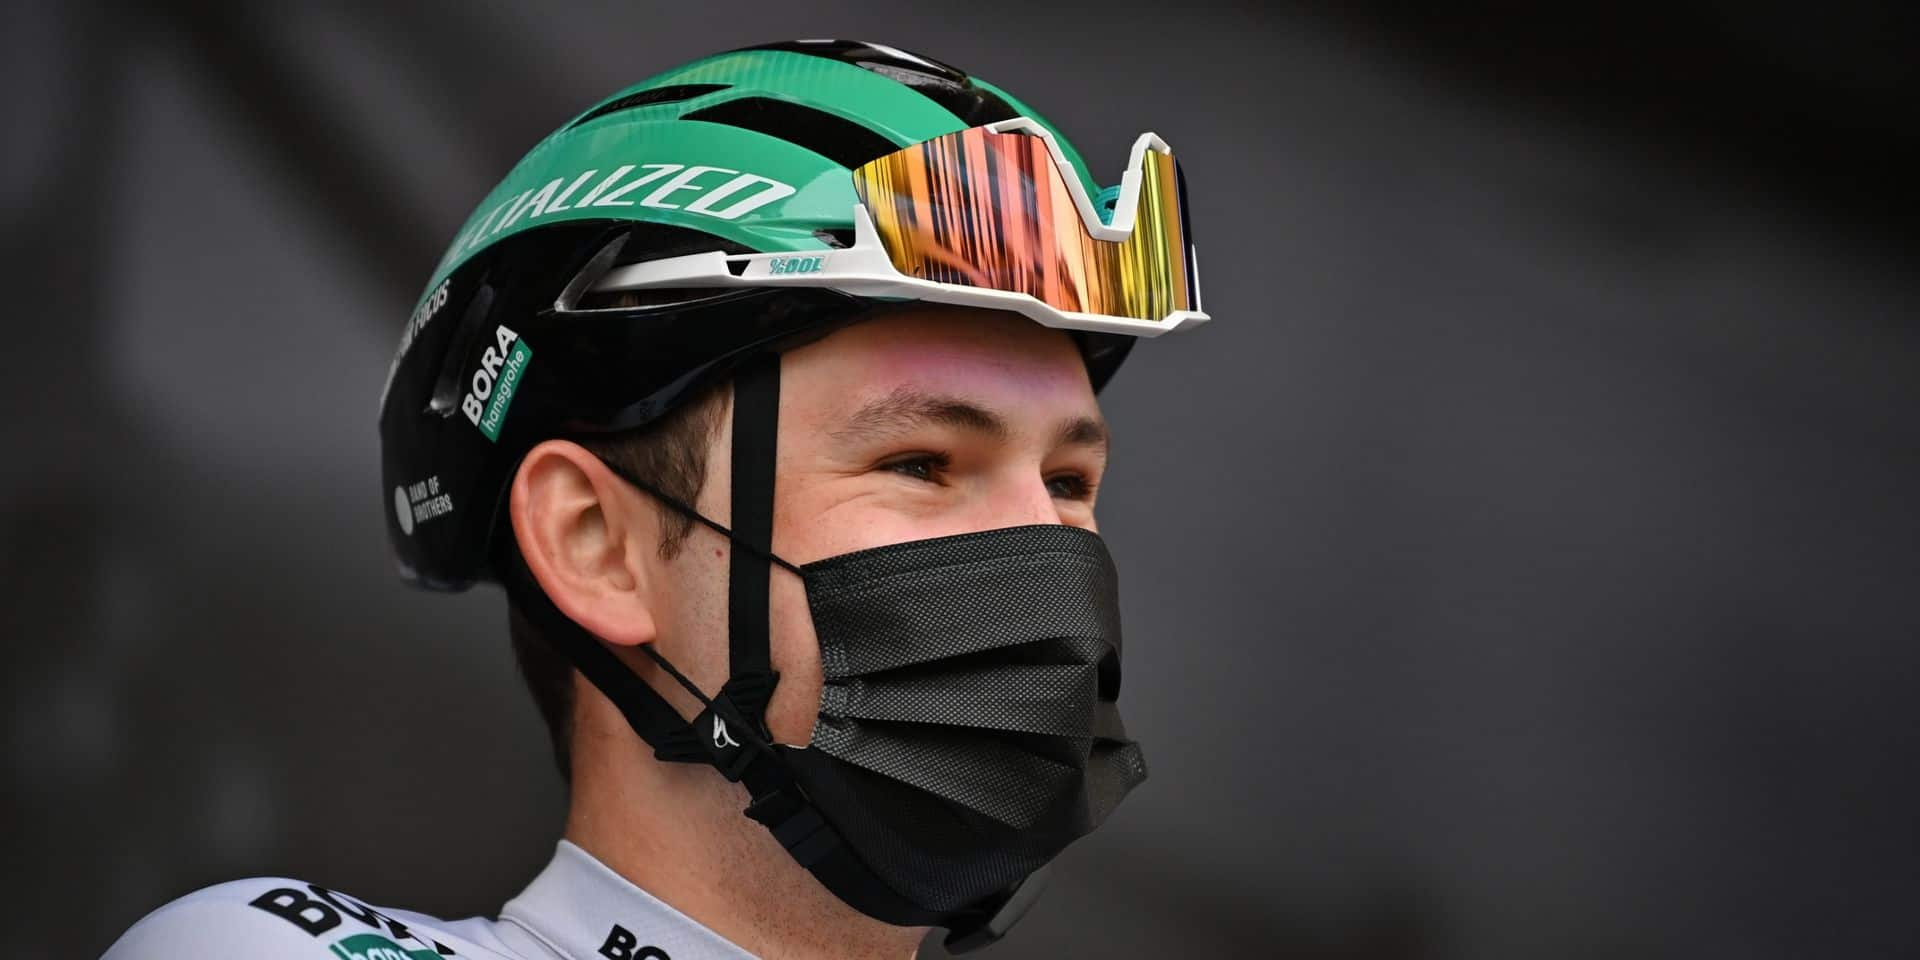 Tour de Hongrie: Jordi Meeus remporte la 2e étape